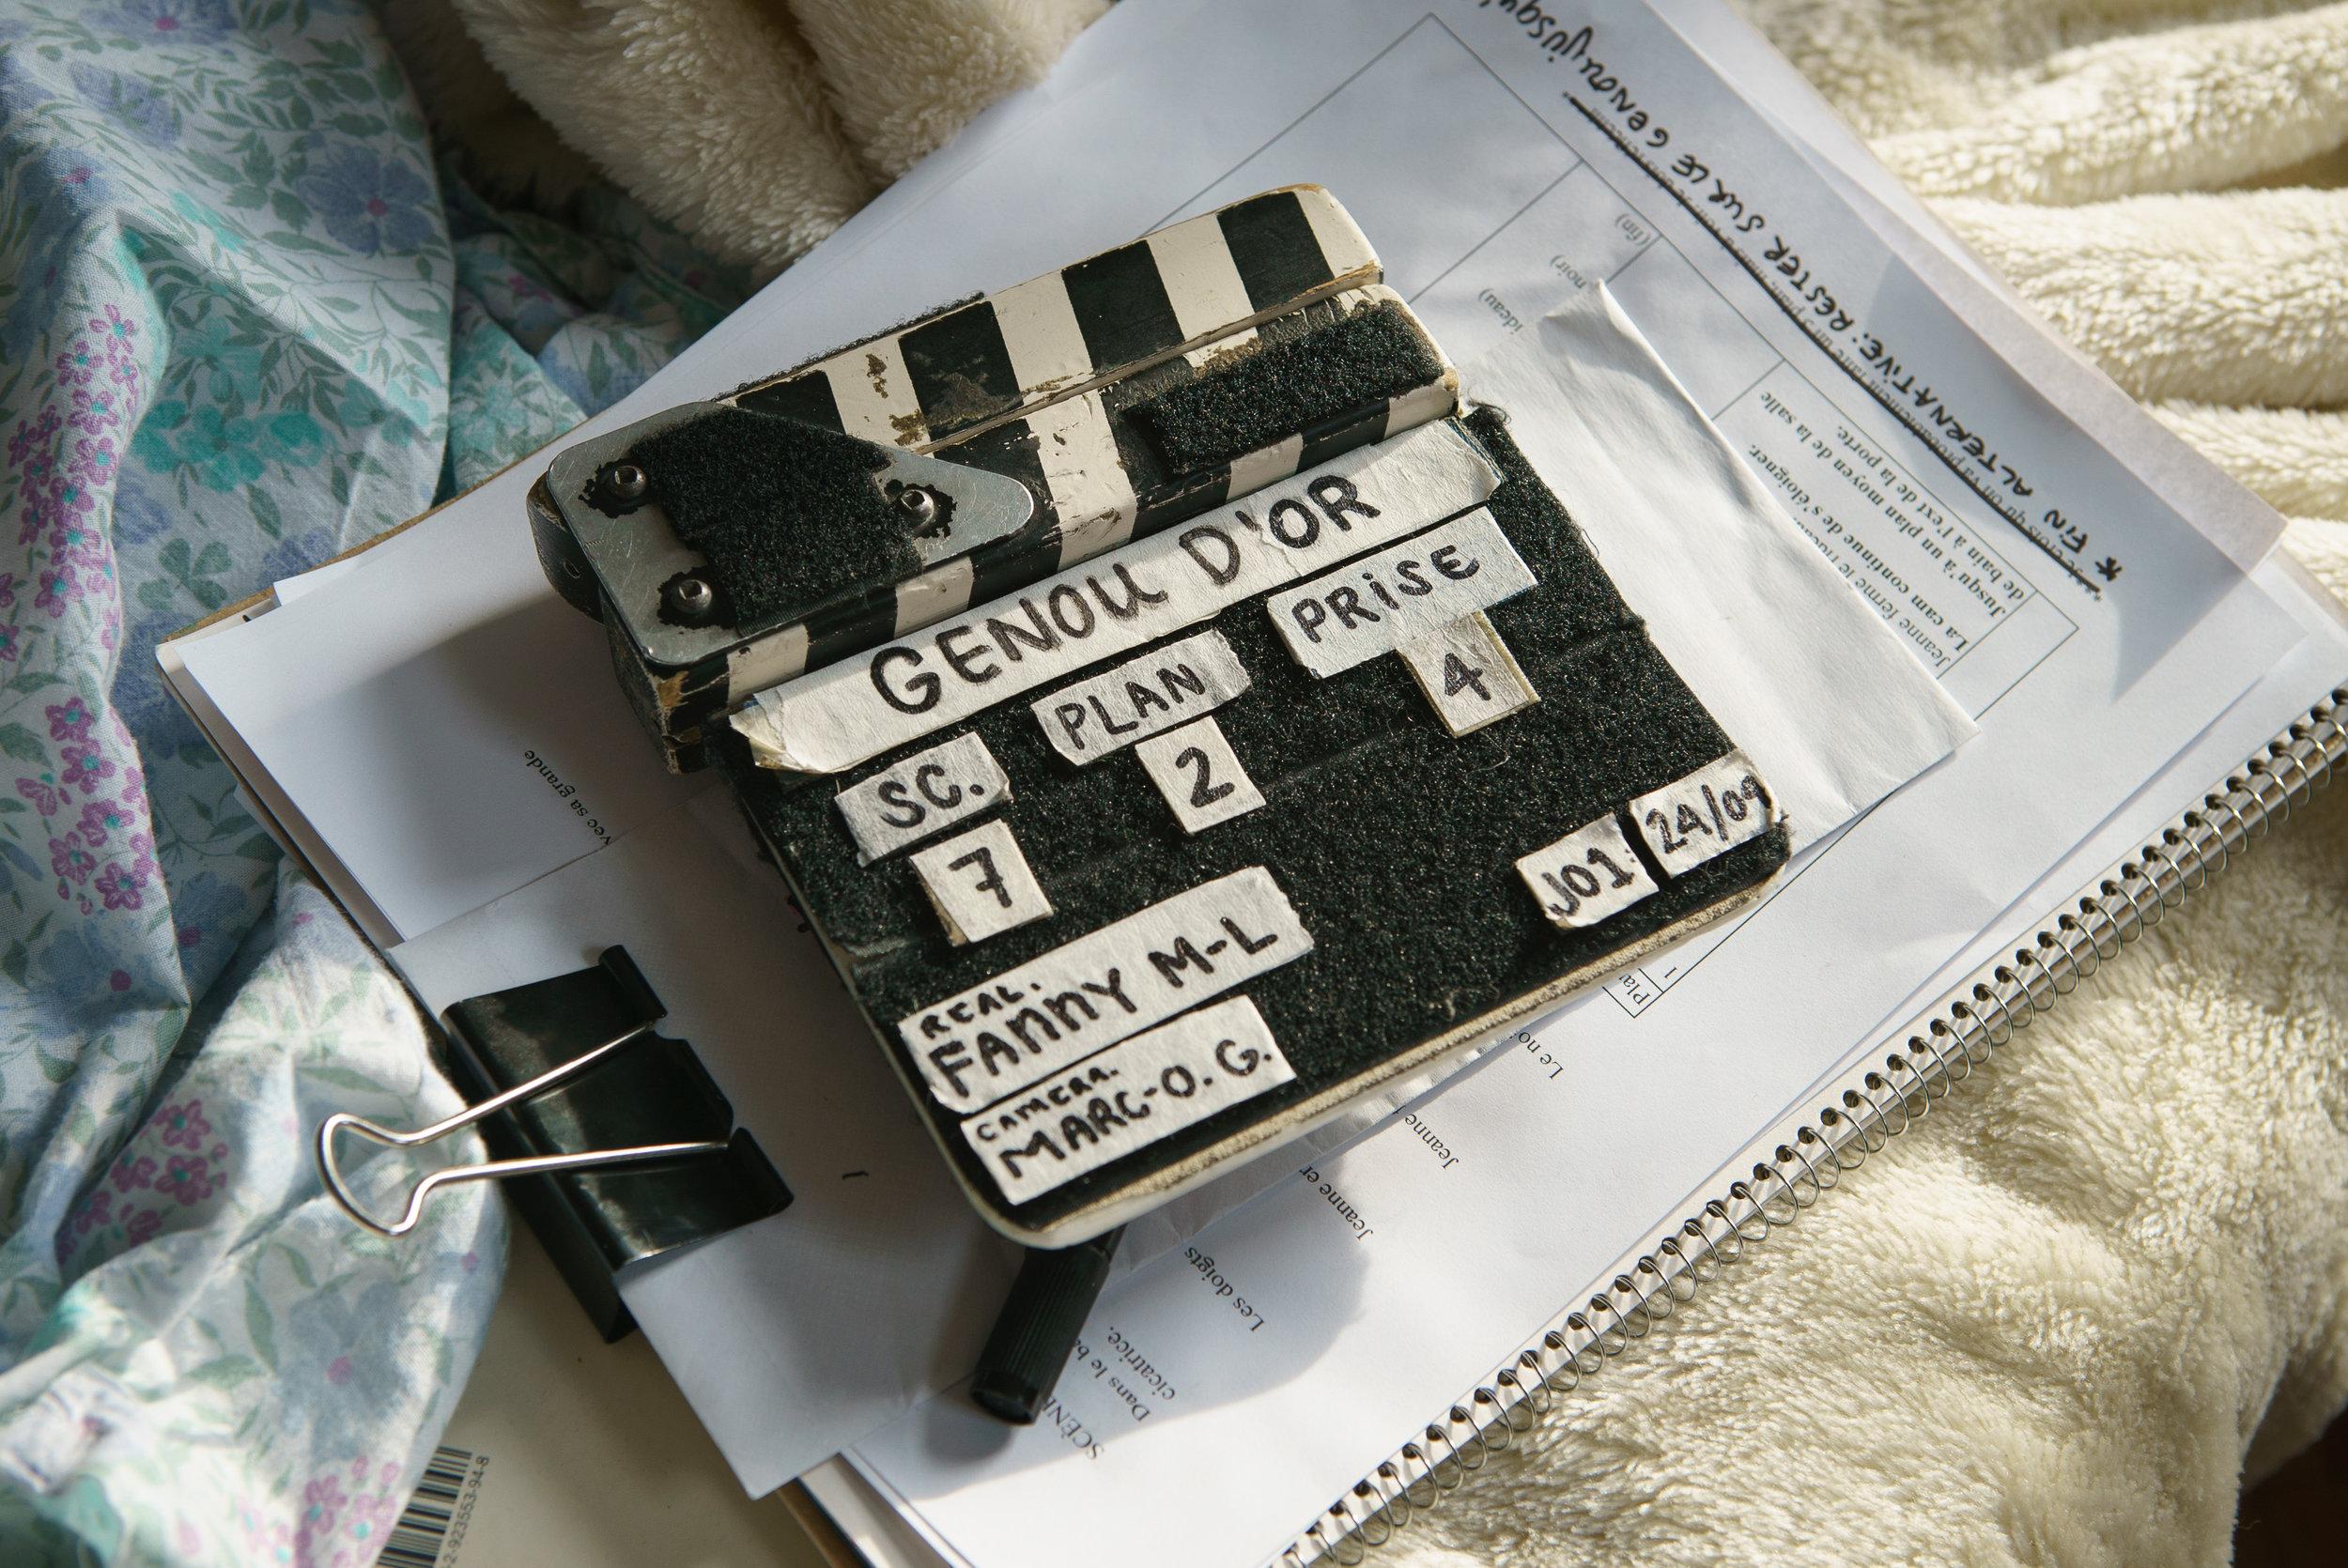 tournagegenoudor (1 of 84).jpg